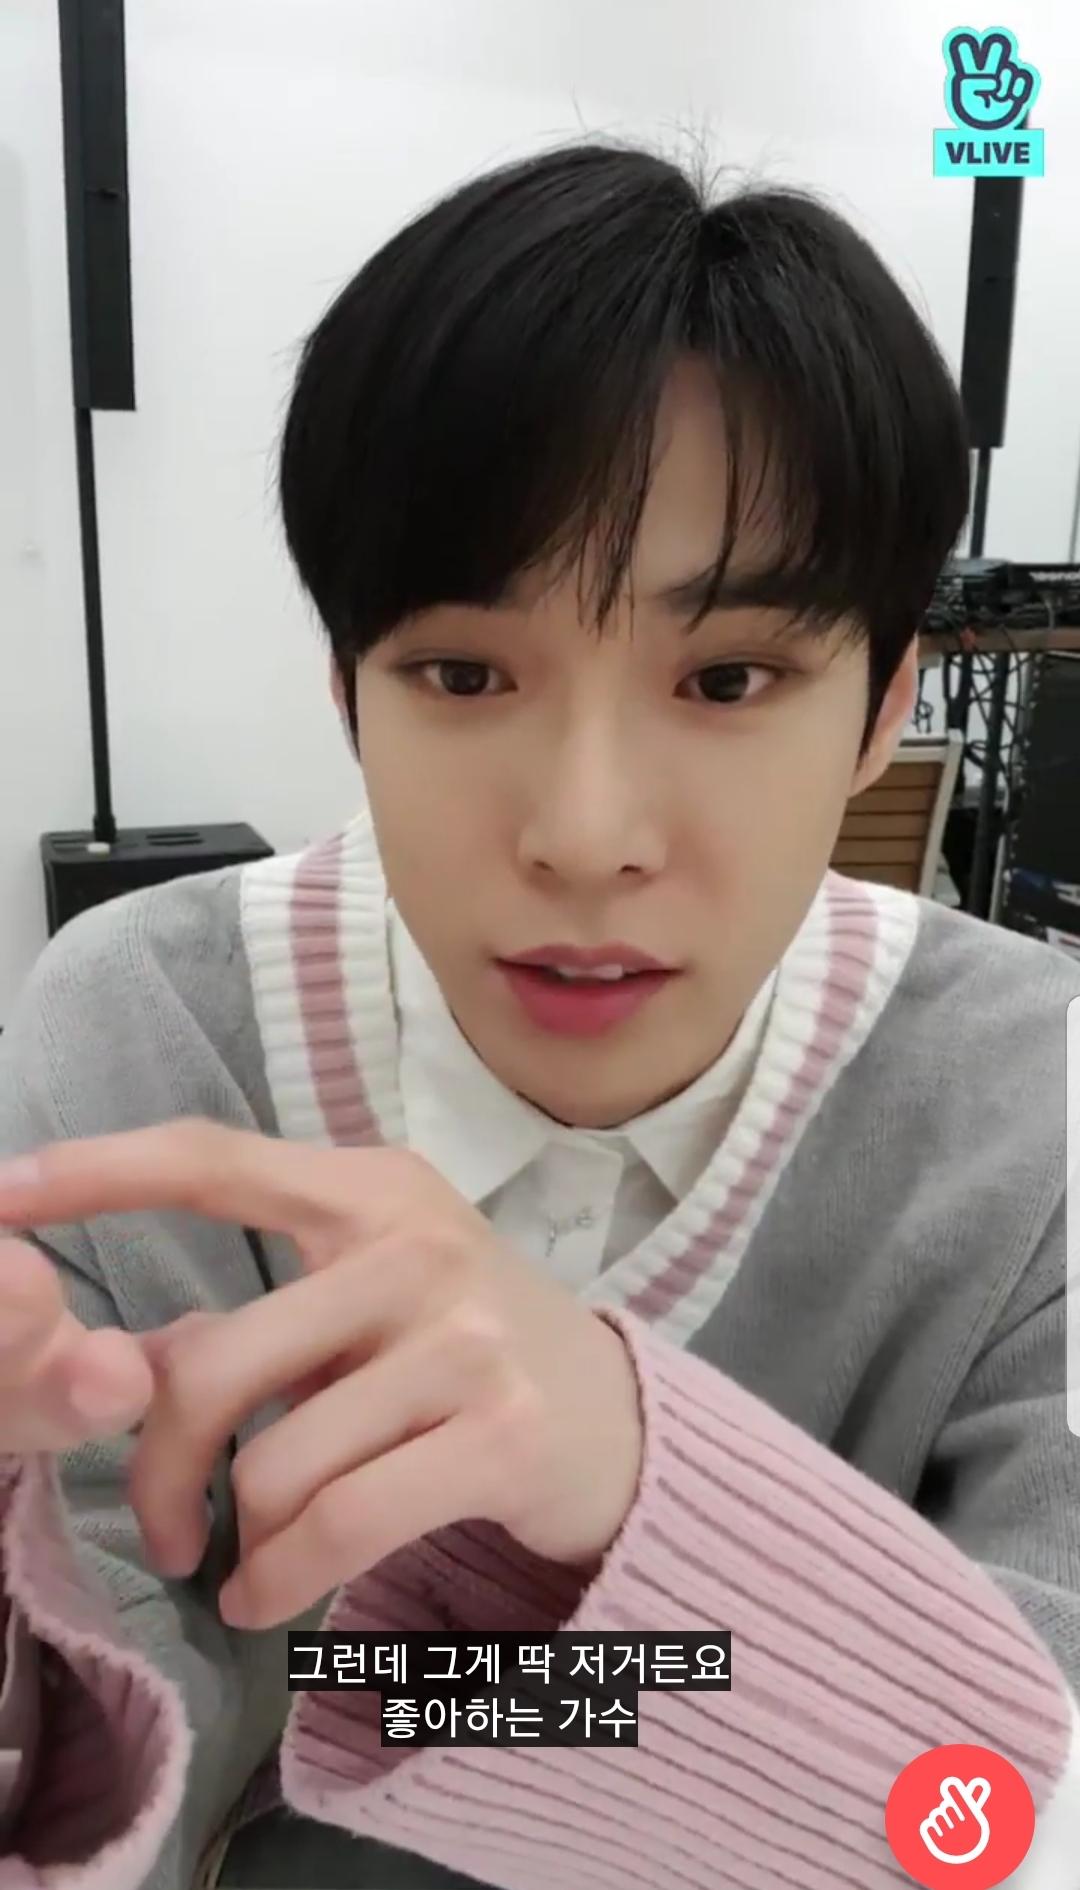 최근 남돌 멤버도 알아버린 팬들의 일코 드립ㅋㅋㅋㅋ | 인스티즈